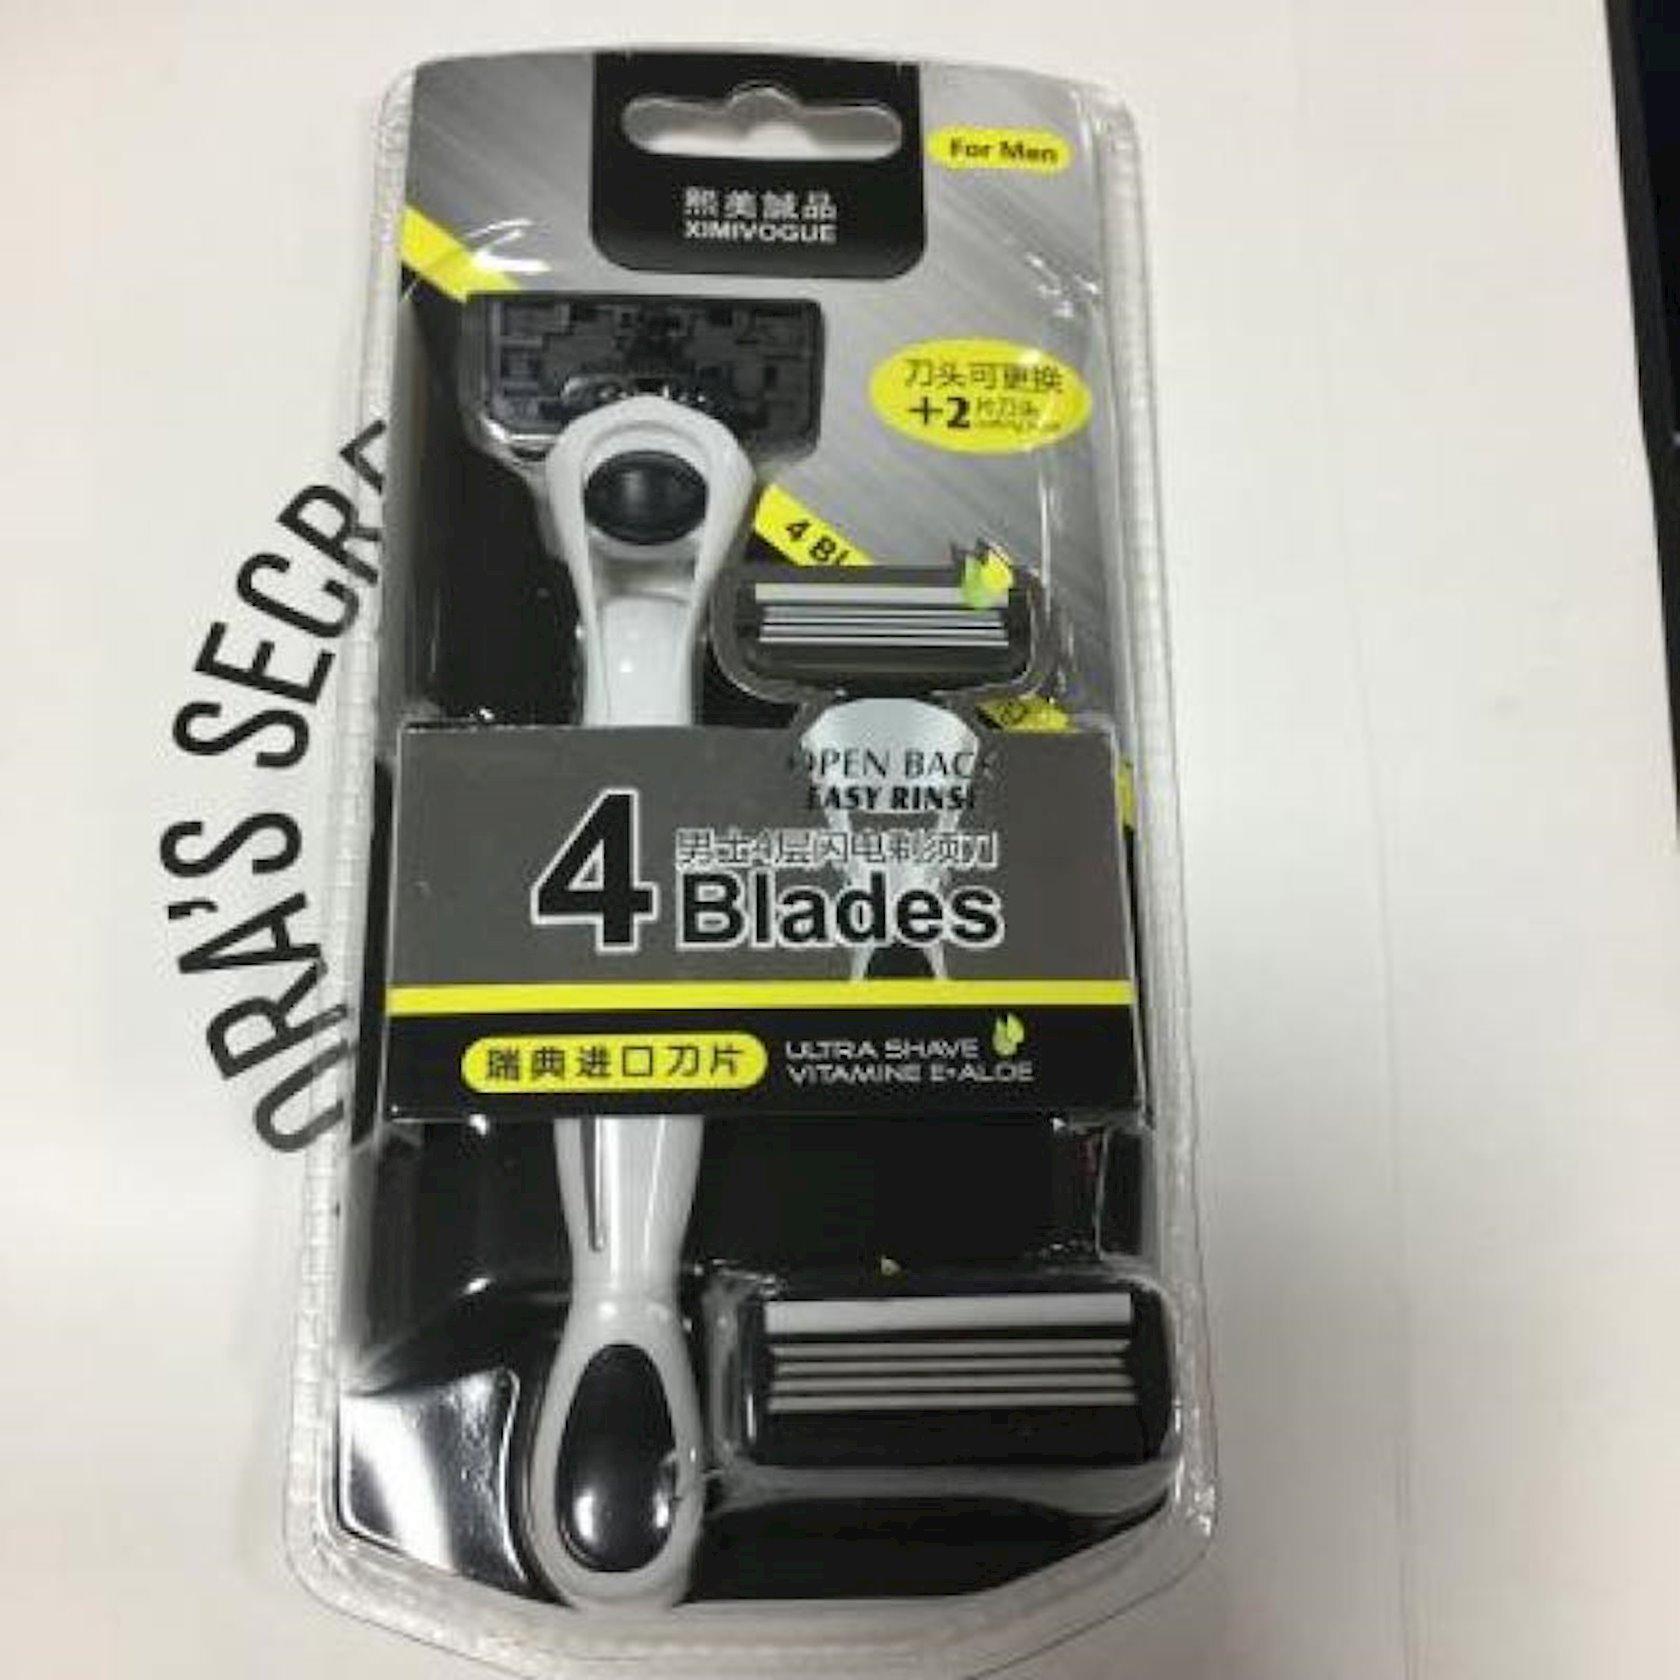 Станок для бритья  Ximivogue Lighting Razor с 4 сменными кассетами